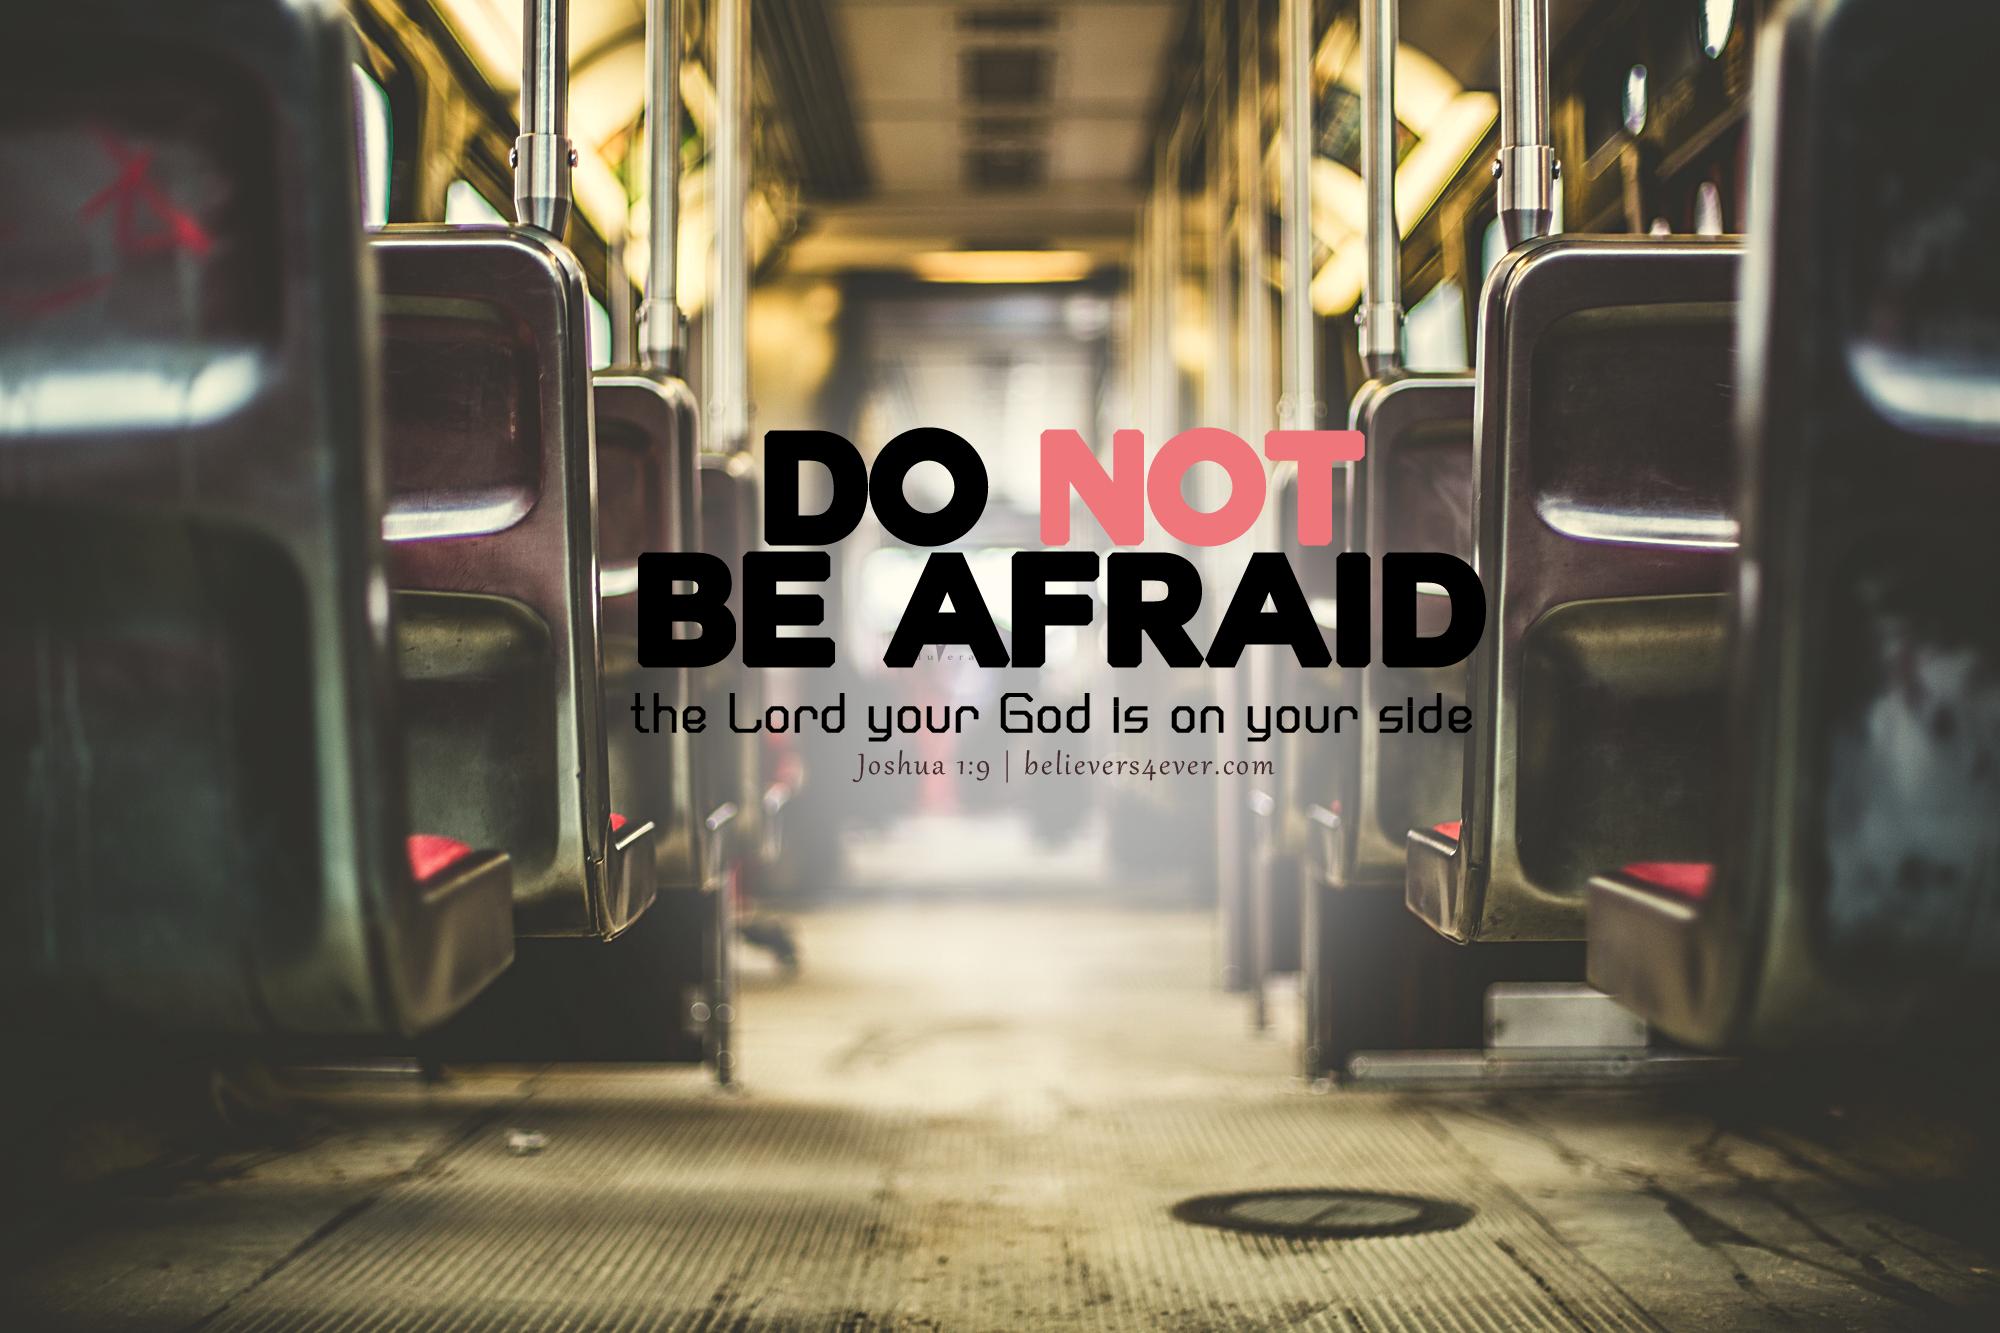 Do not be afraid Joshua 1:9 desktop wallpaper